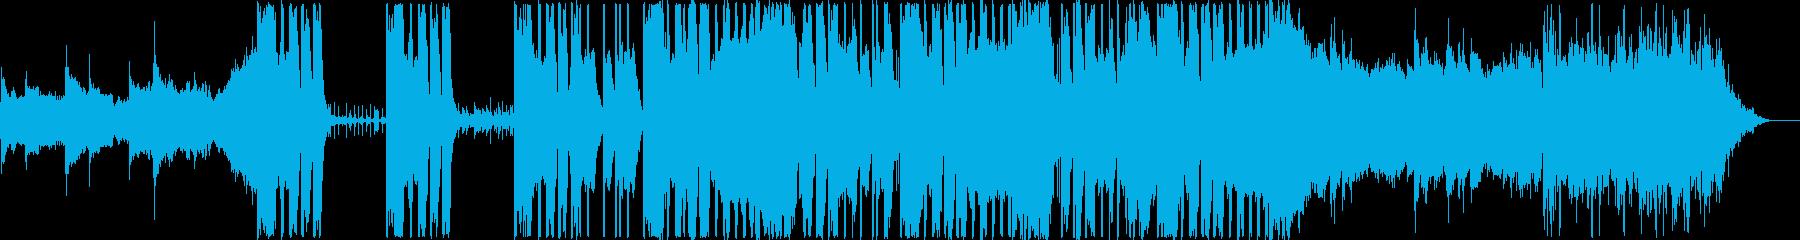 シンプルでスタイリッシュなBGMの再生済みの波形